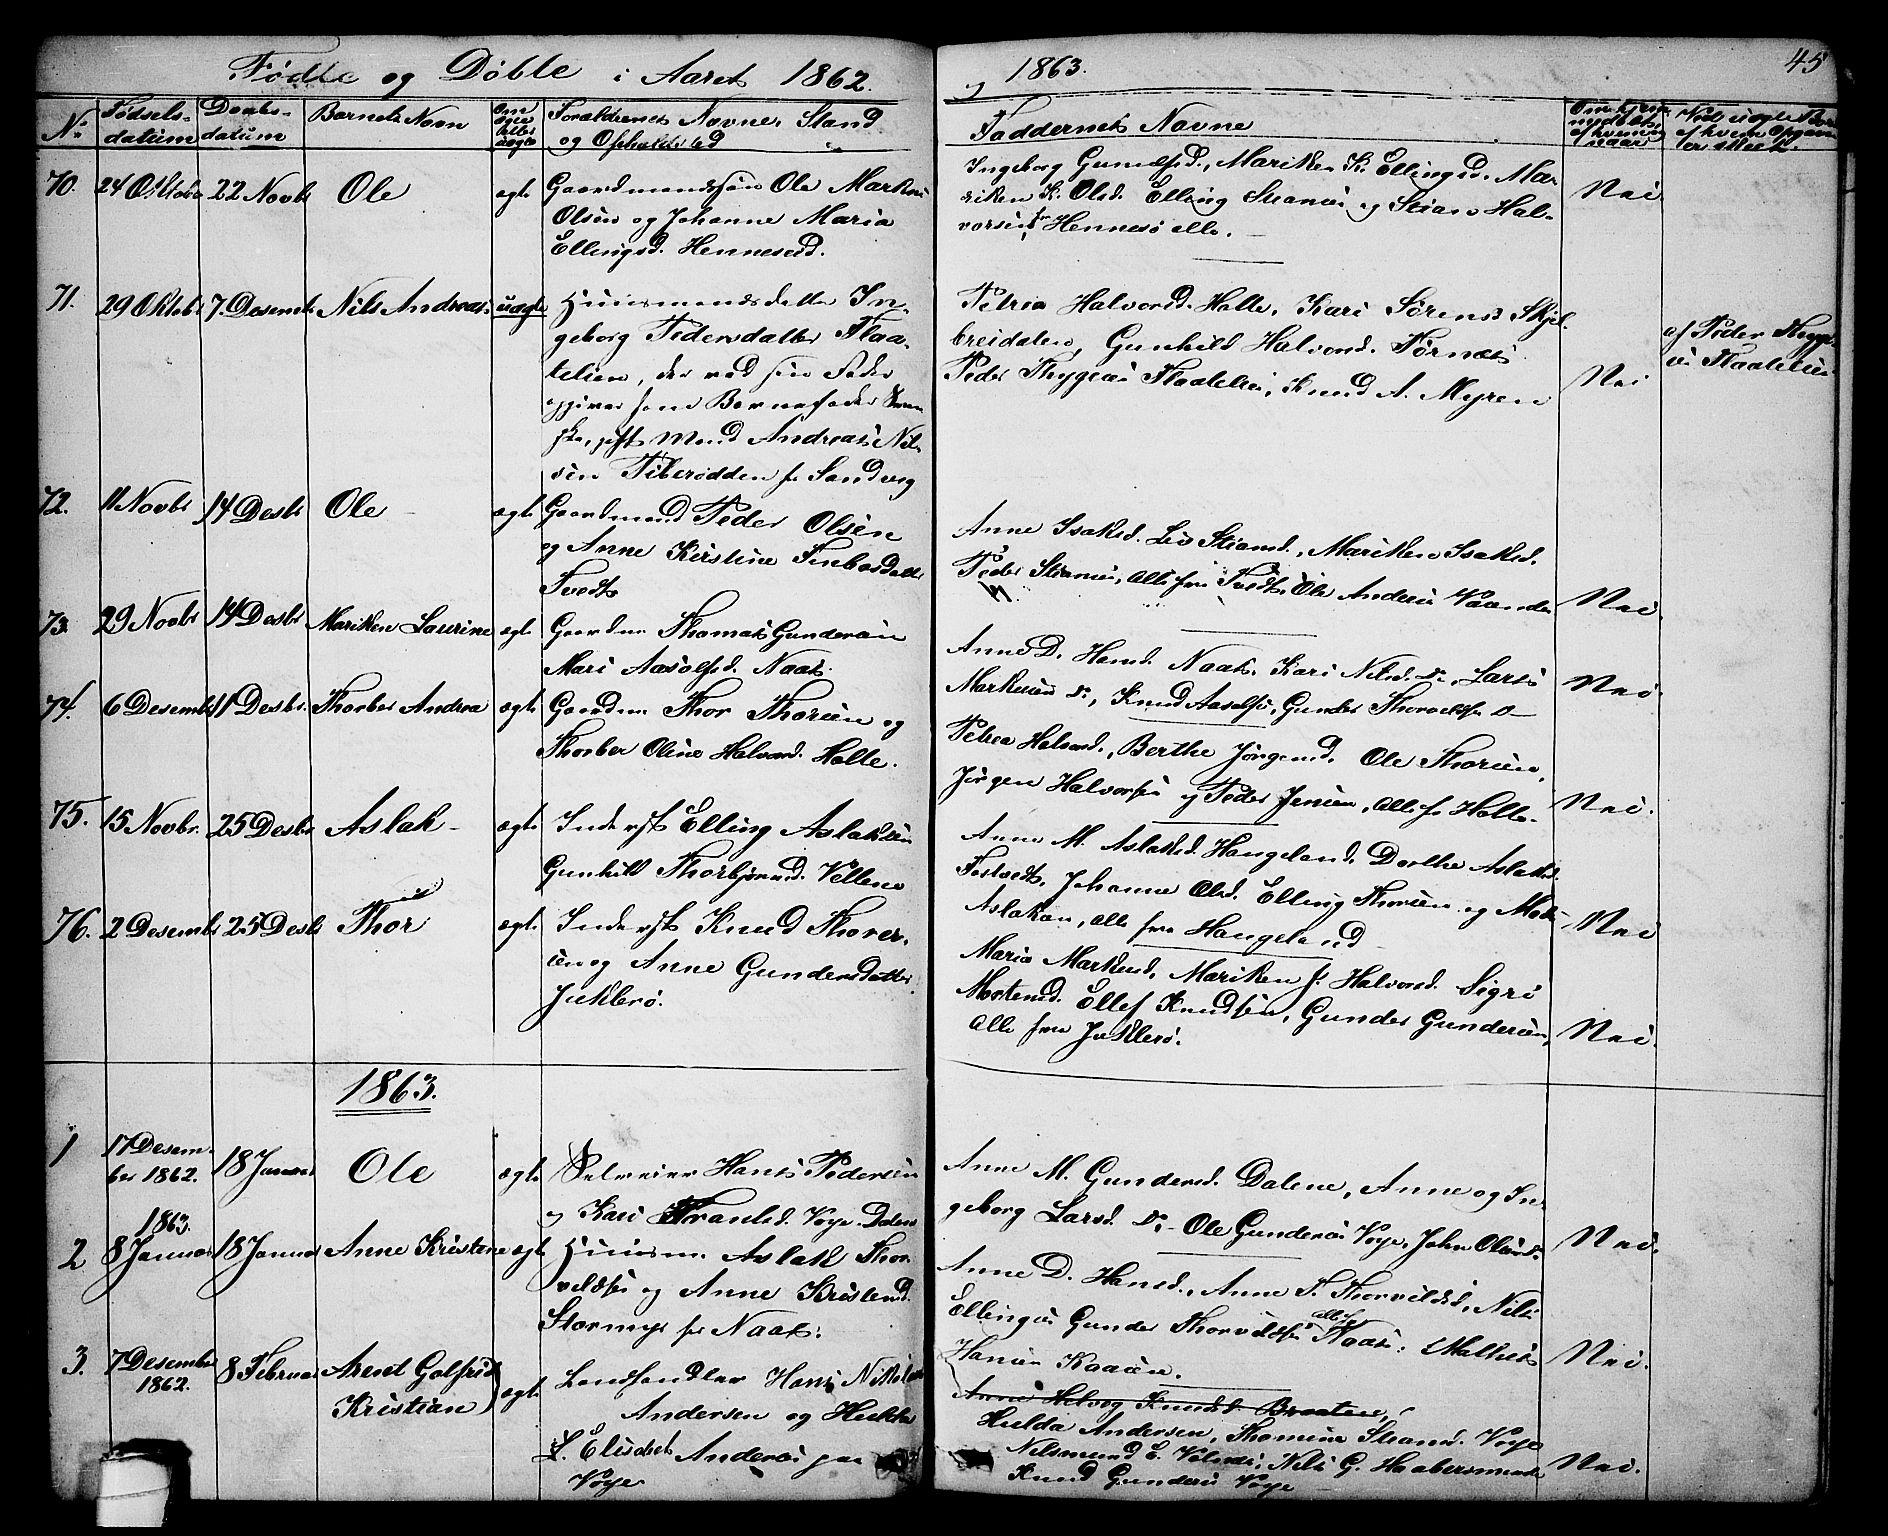 SAKO, Drangedal kirkebøker, G/Ga/L0002: Klokkerbok nr. I 2, 1856-1887, s. 45